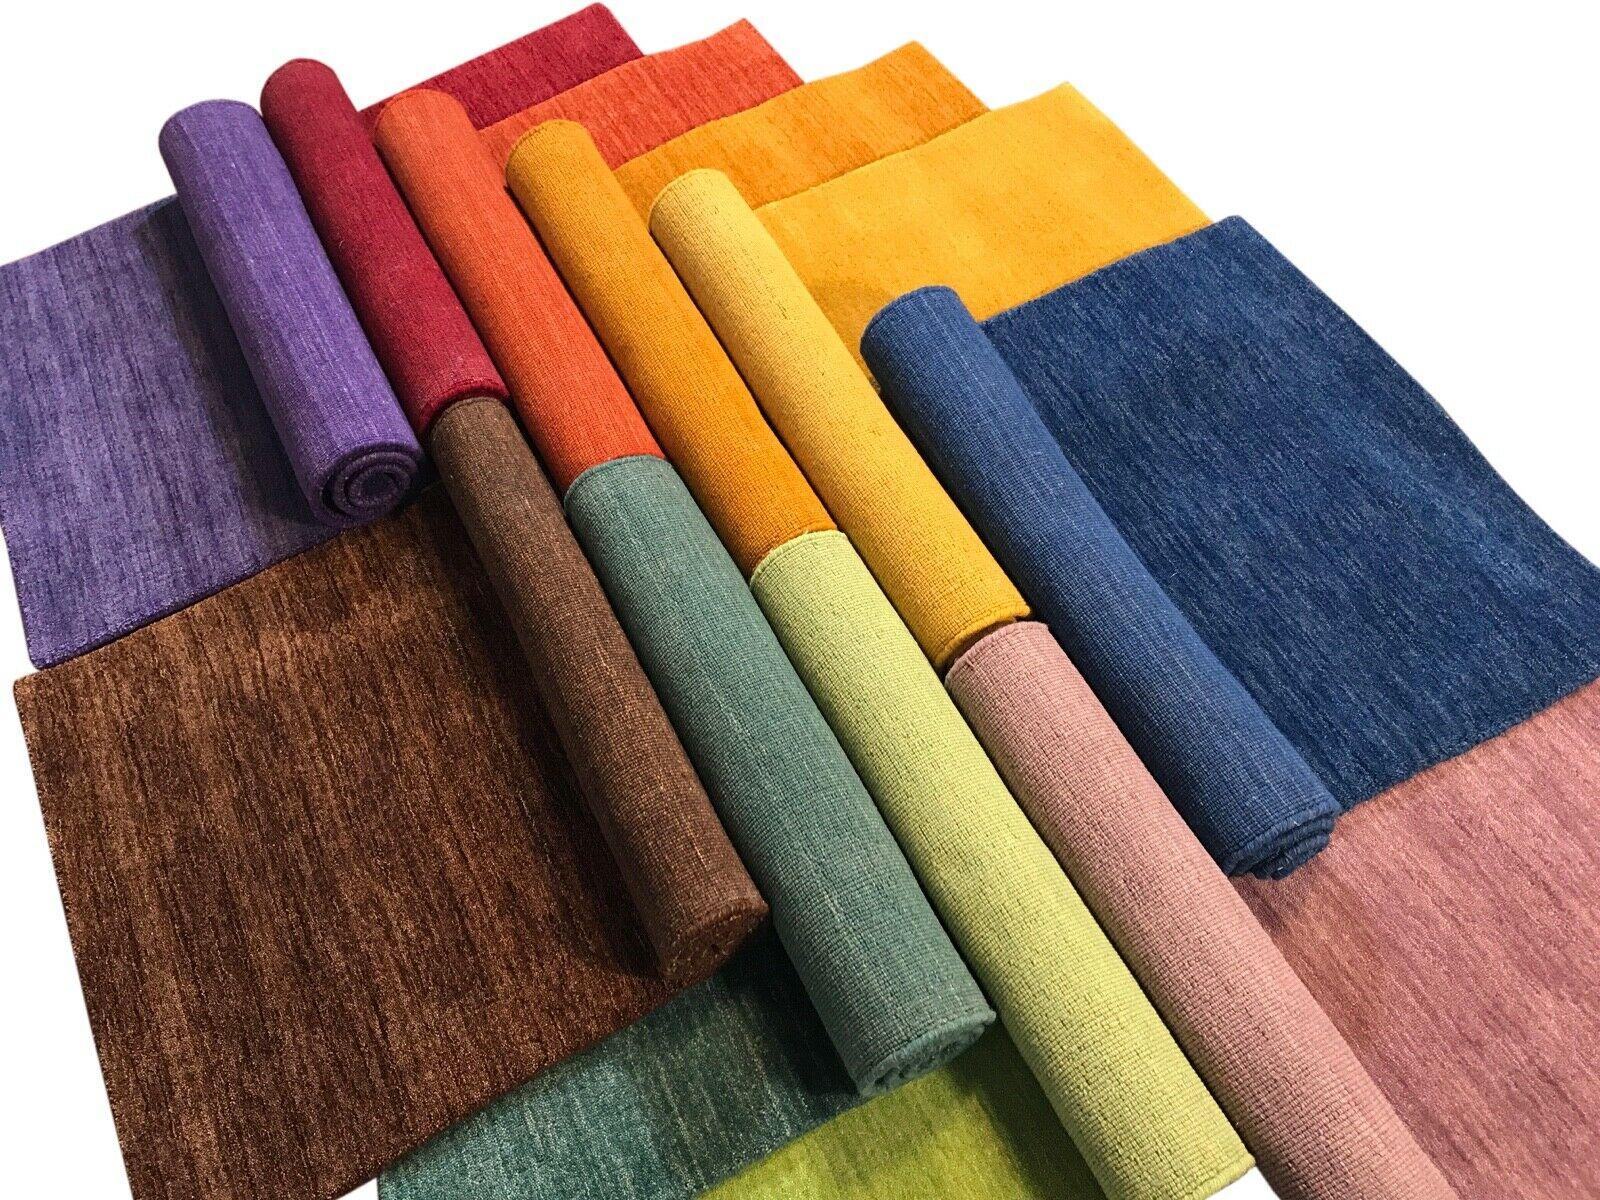 dywany gabbeh handloom wełna różne kolory